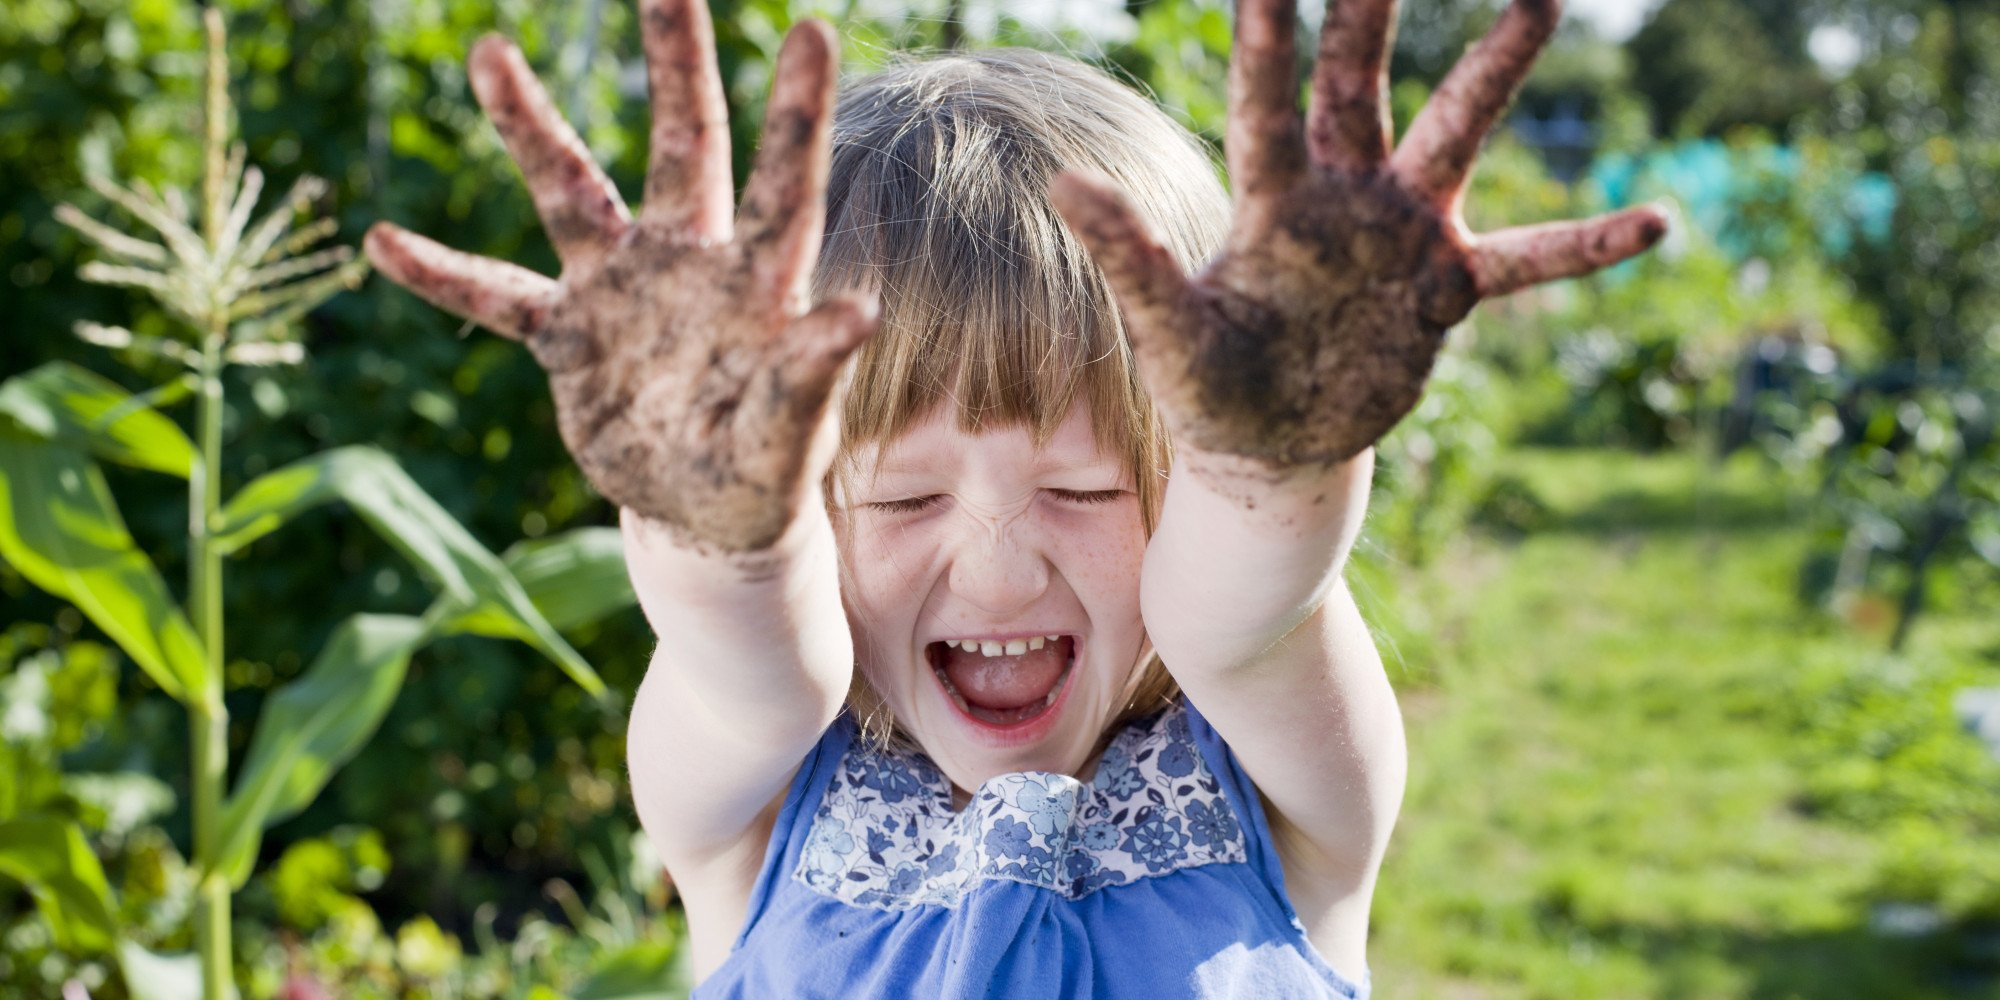 o kid gardening facebook - Dica de fertilizante para deixar plantas mais saudáveis e vistosas